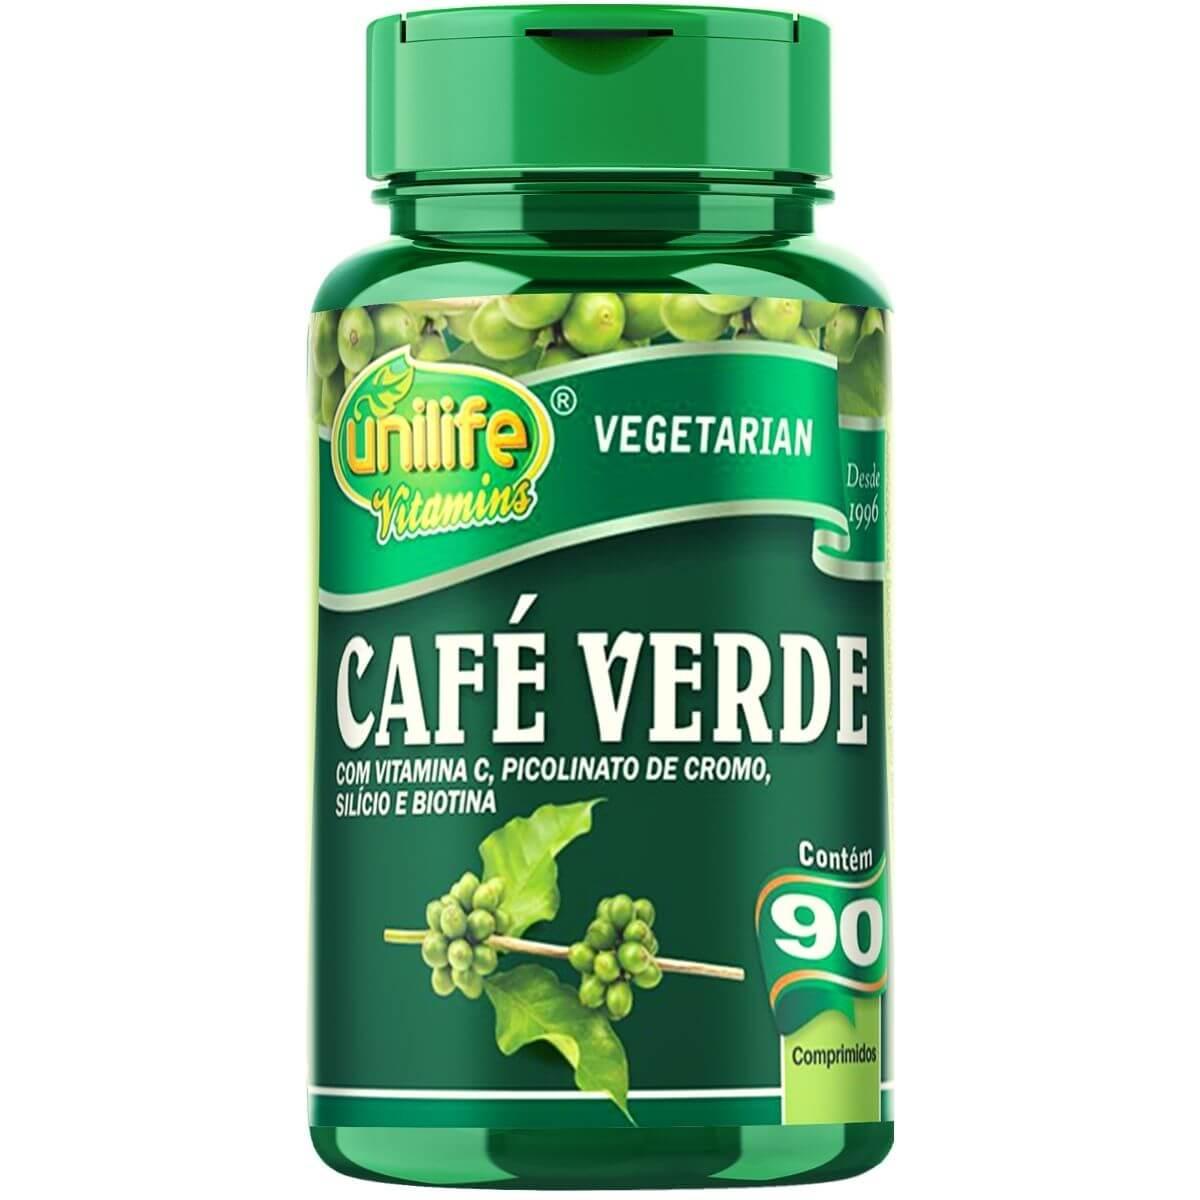 Café Verde Unilife com Vitaminas e Minerais - 90 Comprimidos 400mg